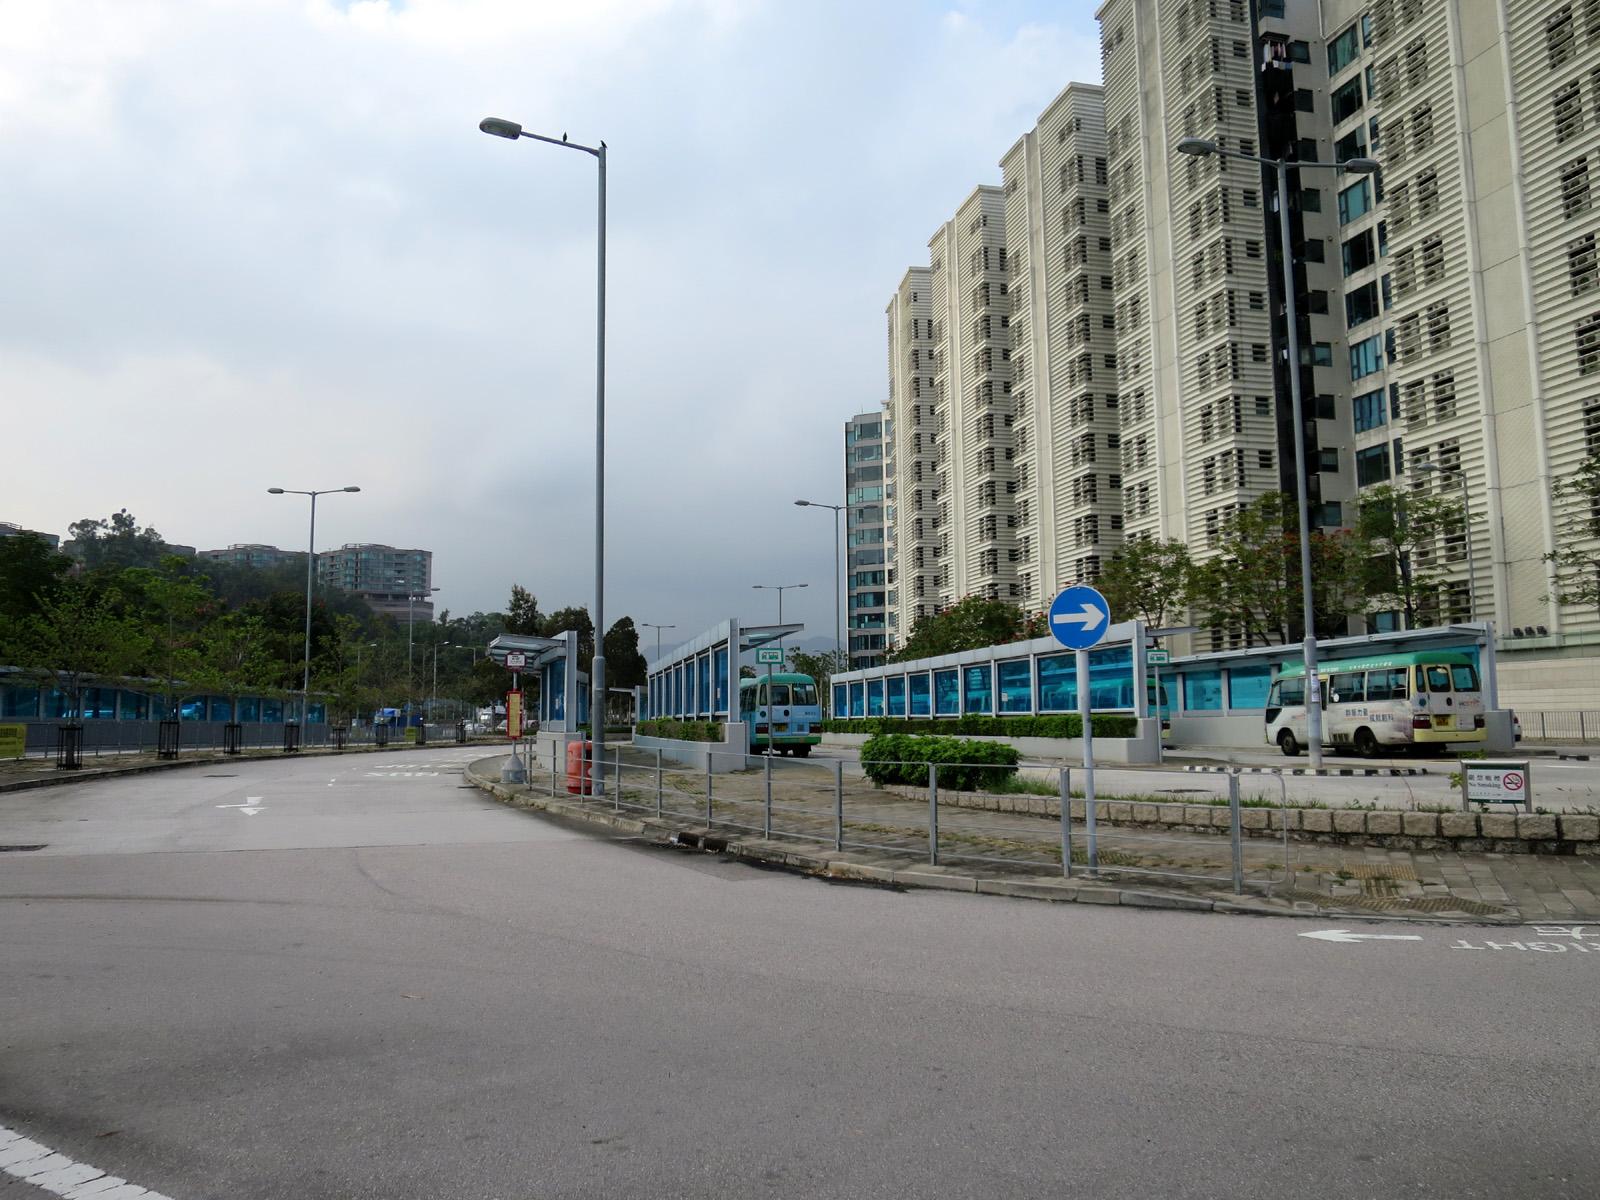 白石角 (科城路) 公共運輸交匯處